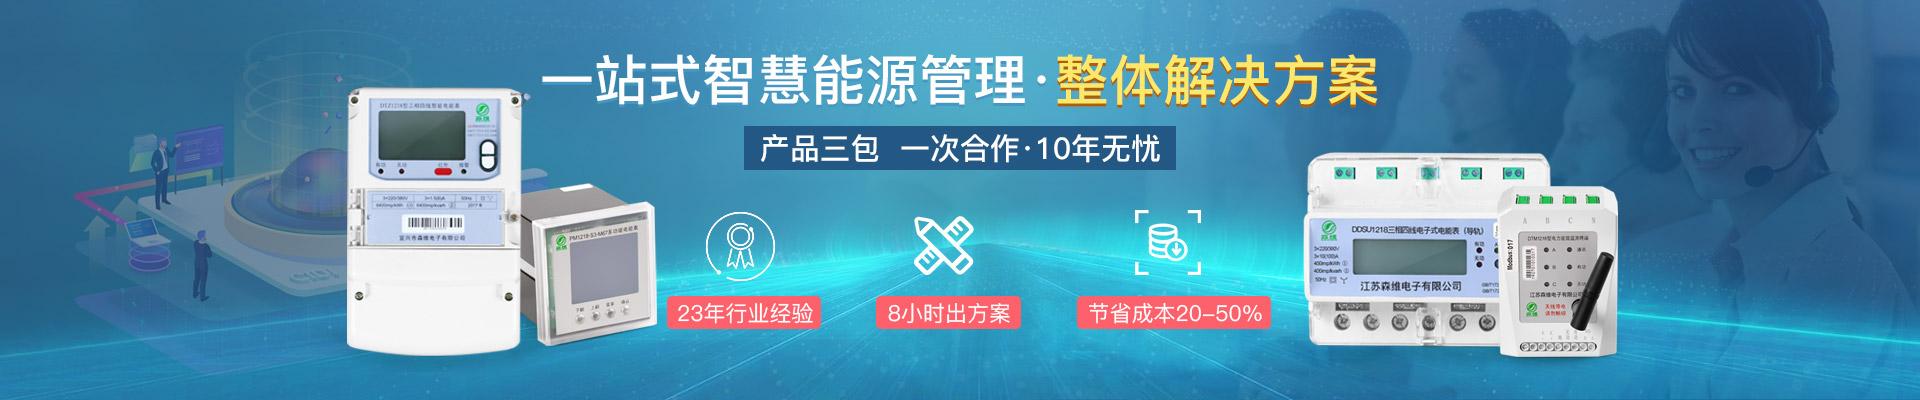 森维电子-一站式节能监测整体解决方案